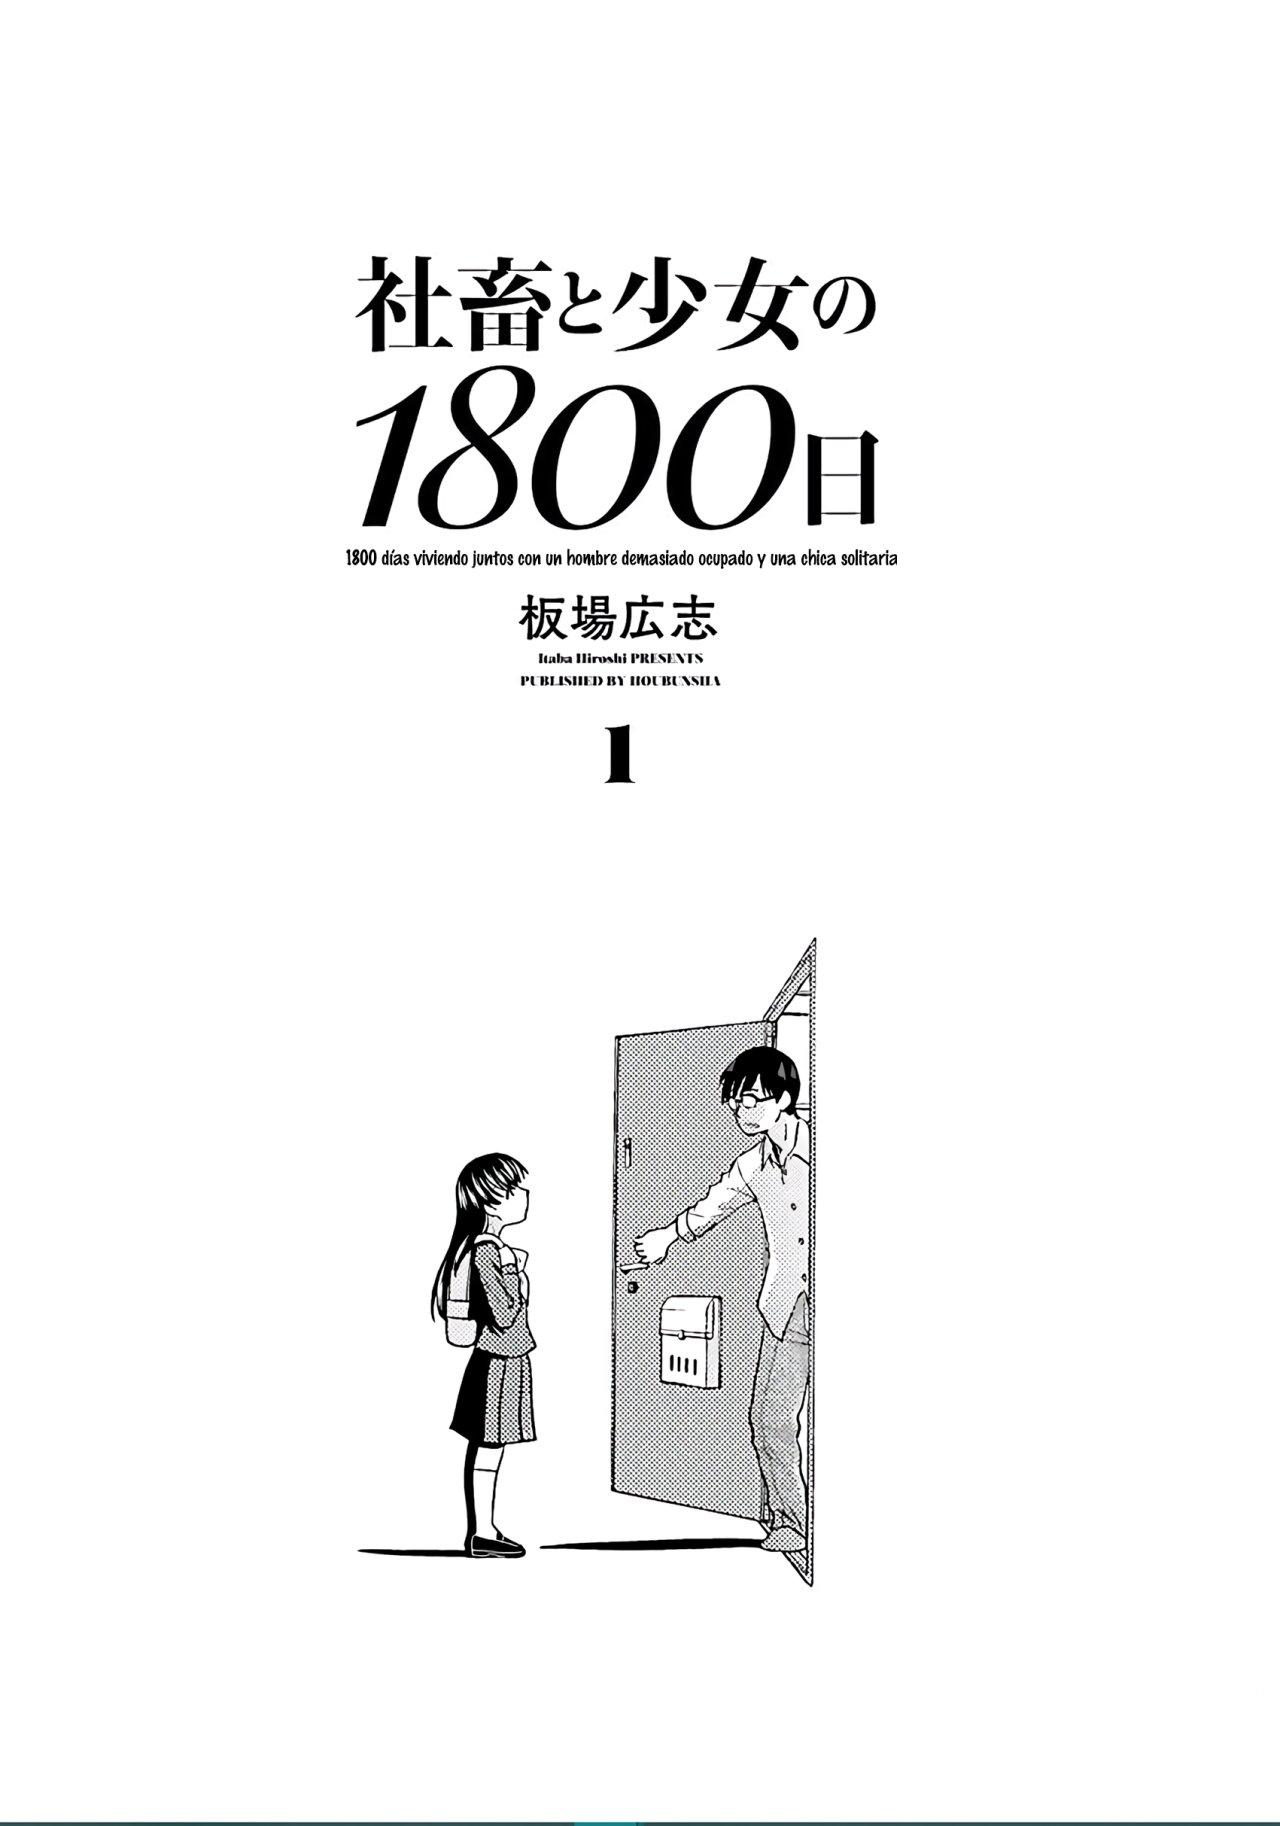 https://nine.mangadogs.com/es_manga/pic8/48/36656/946258/65fb784a1862c1e0c5f21170ef6b7181.jpg Page 3